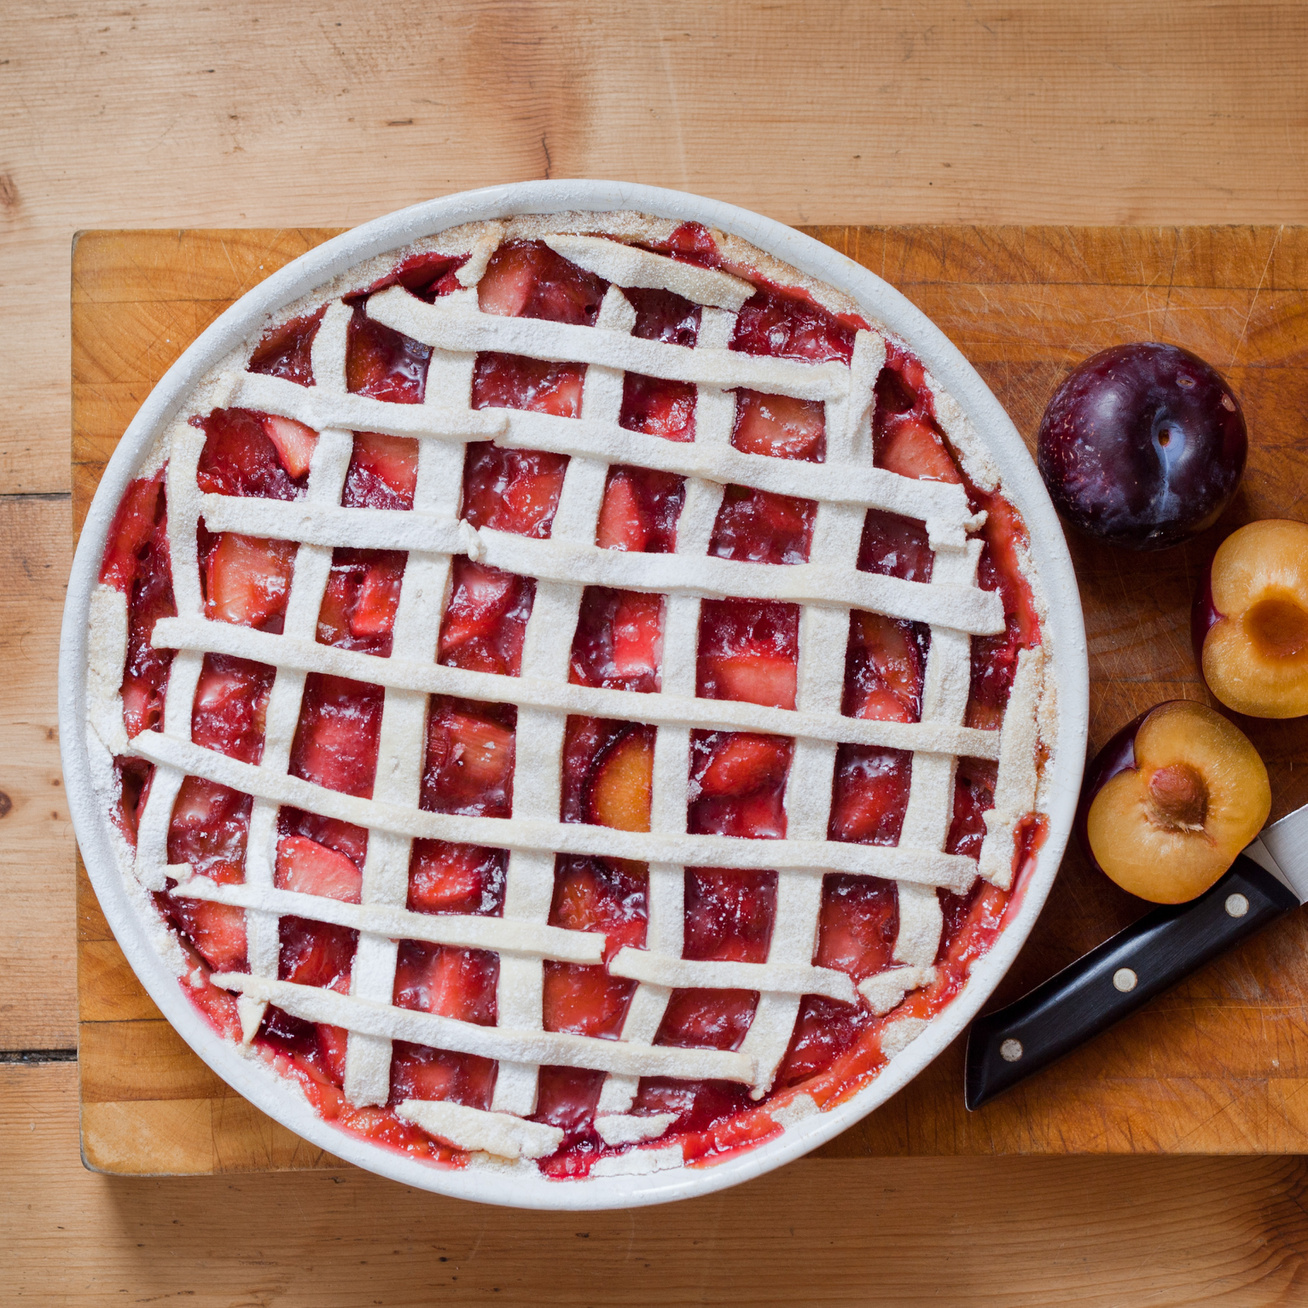 Illatos szilvás rácsos pite friss gyümölccsel - Generációk óta változatlan a recept